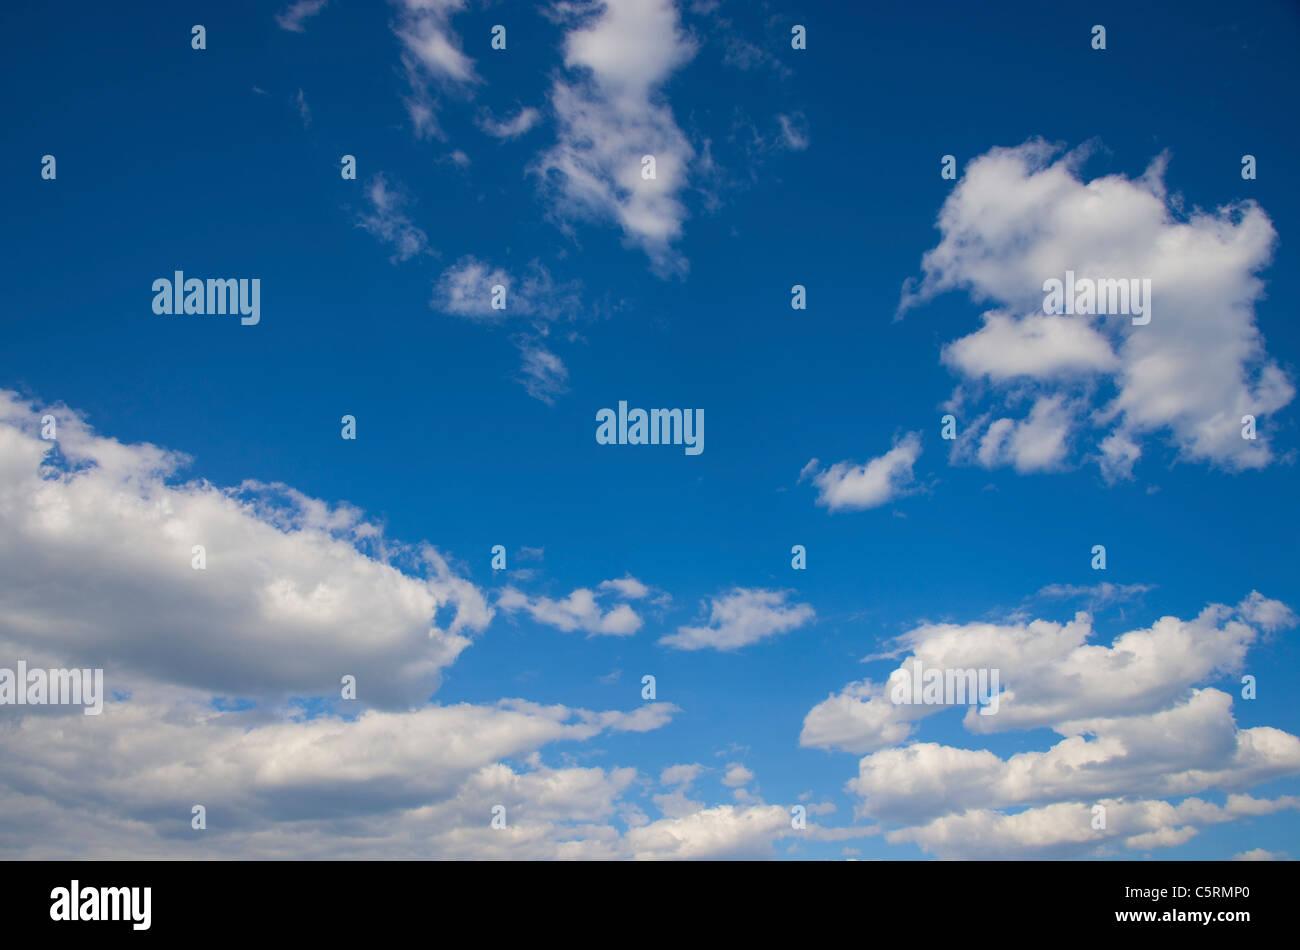 Ein strahlend blauer Himmel mit geschwollenen weißen Wolken Stockbild